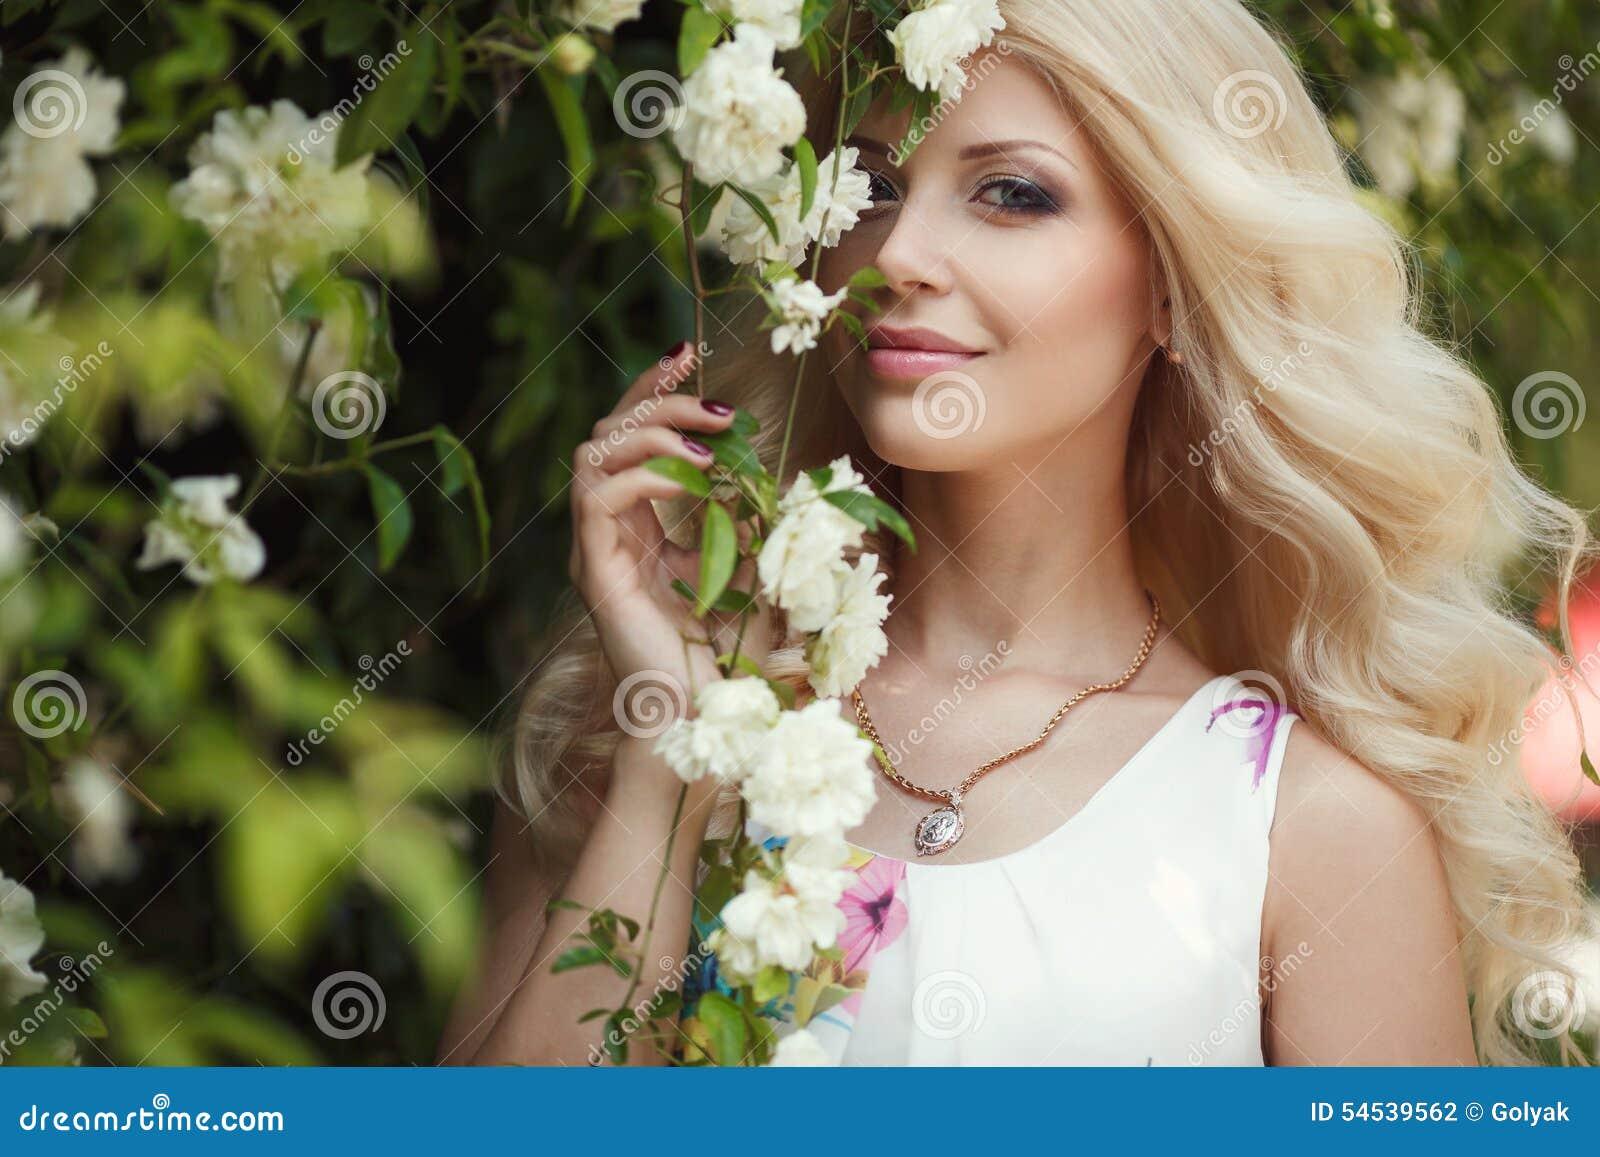 Piękna kobieta w parku blisko Bush kwitnących róż